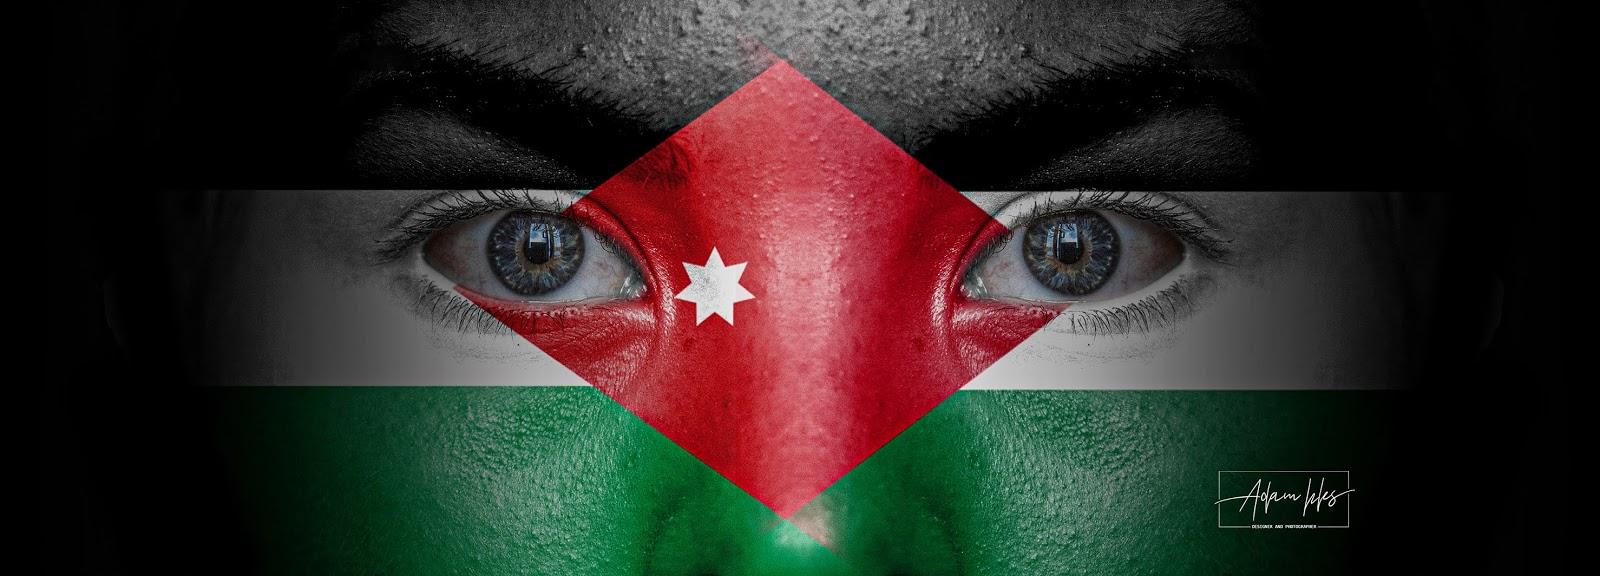 علم فلسطين وعلم الاردن معا